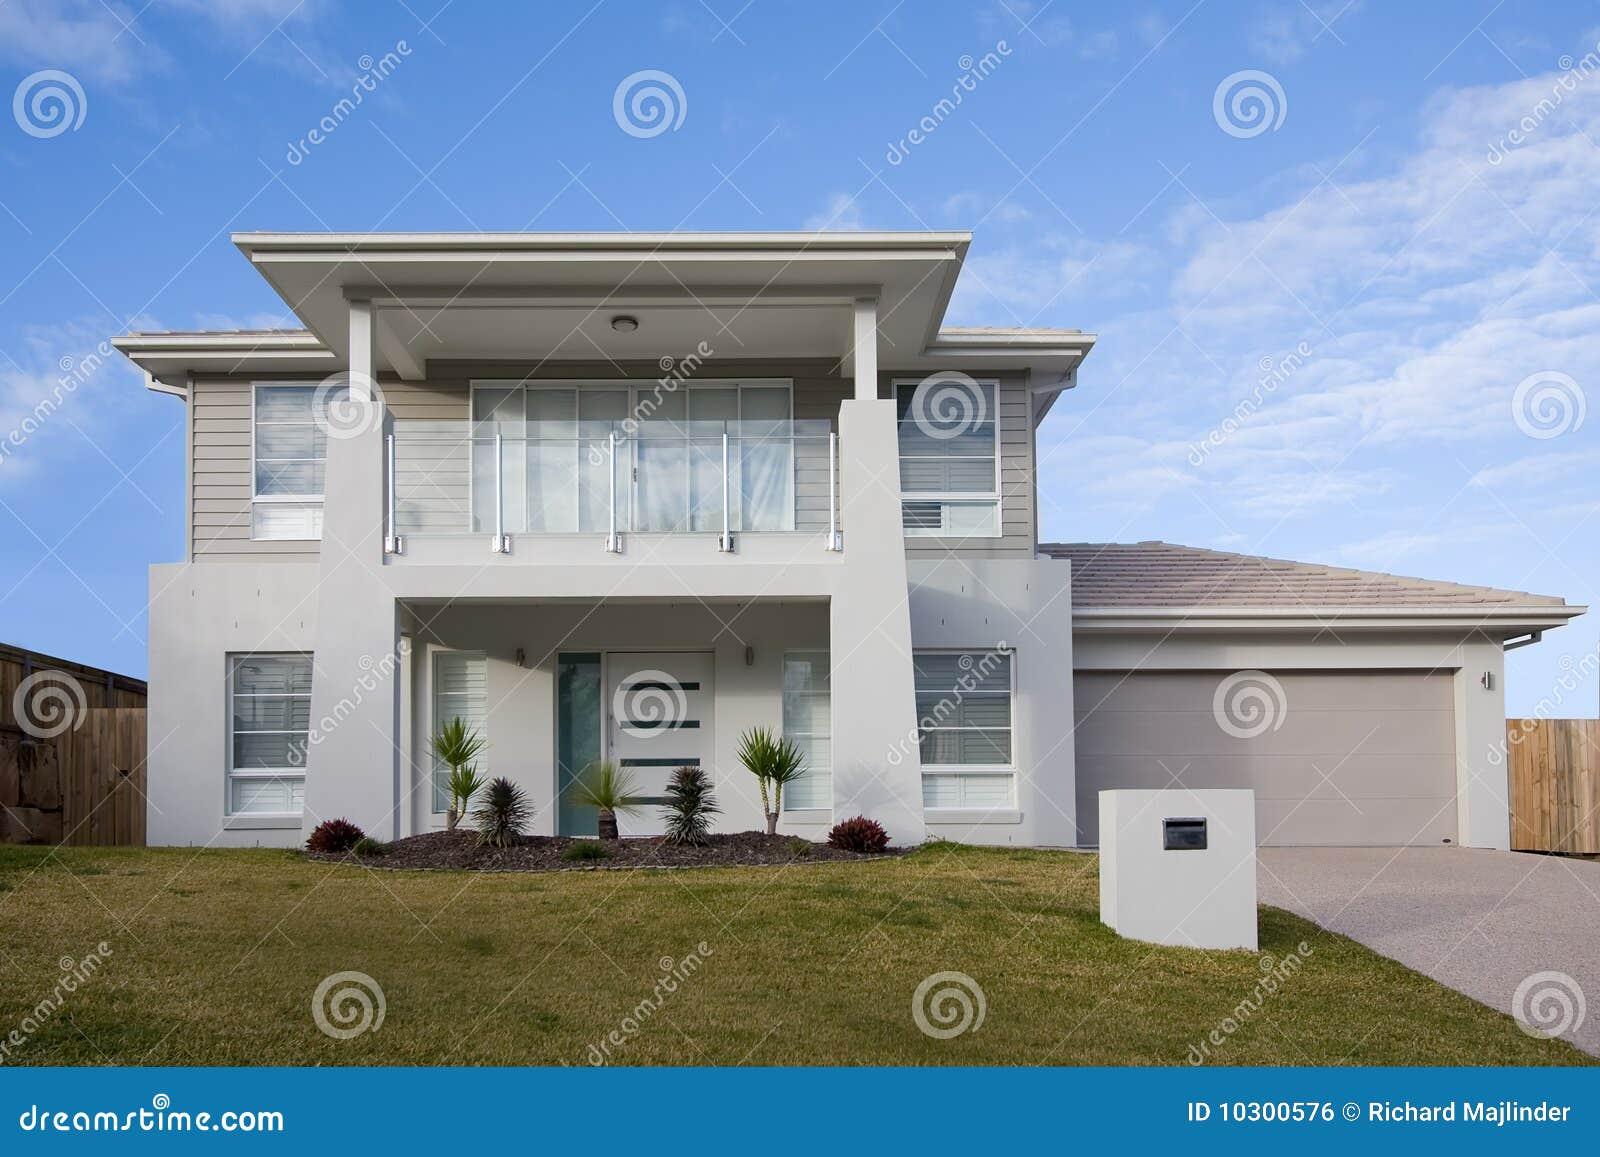 maison moderne de deux tages avec un balcon image libre. Black Bedroom Furniture Sets. Home Design Ideas